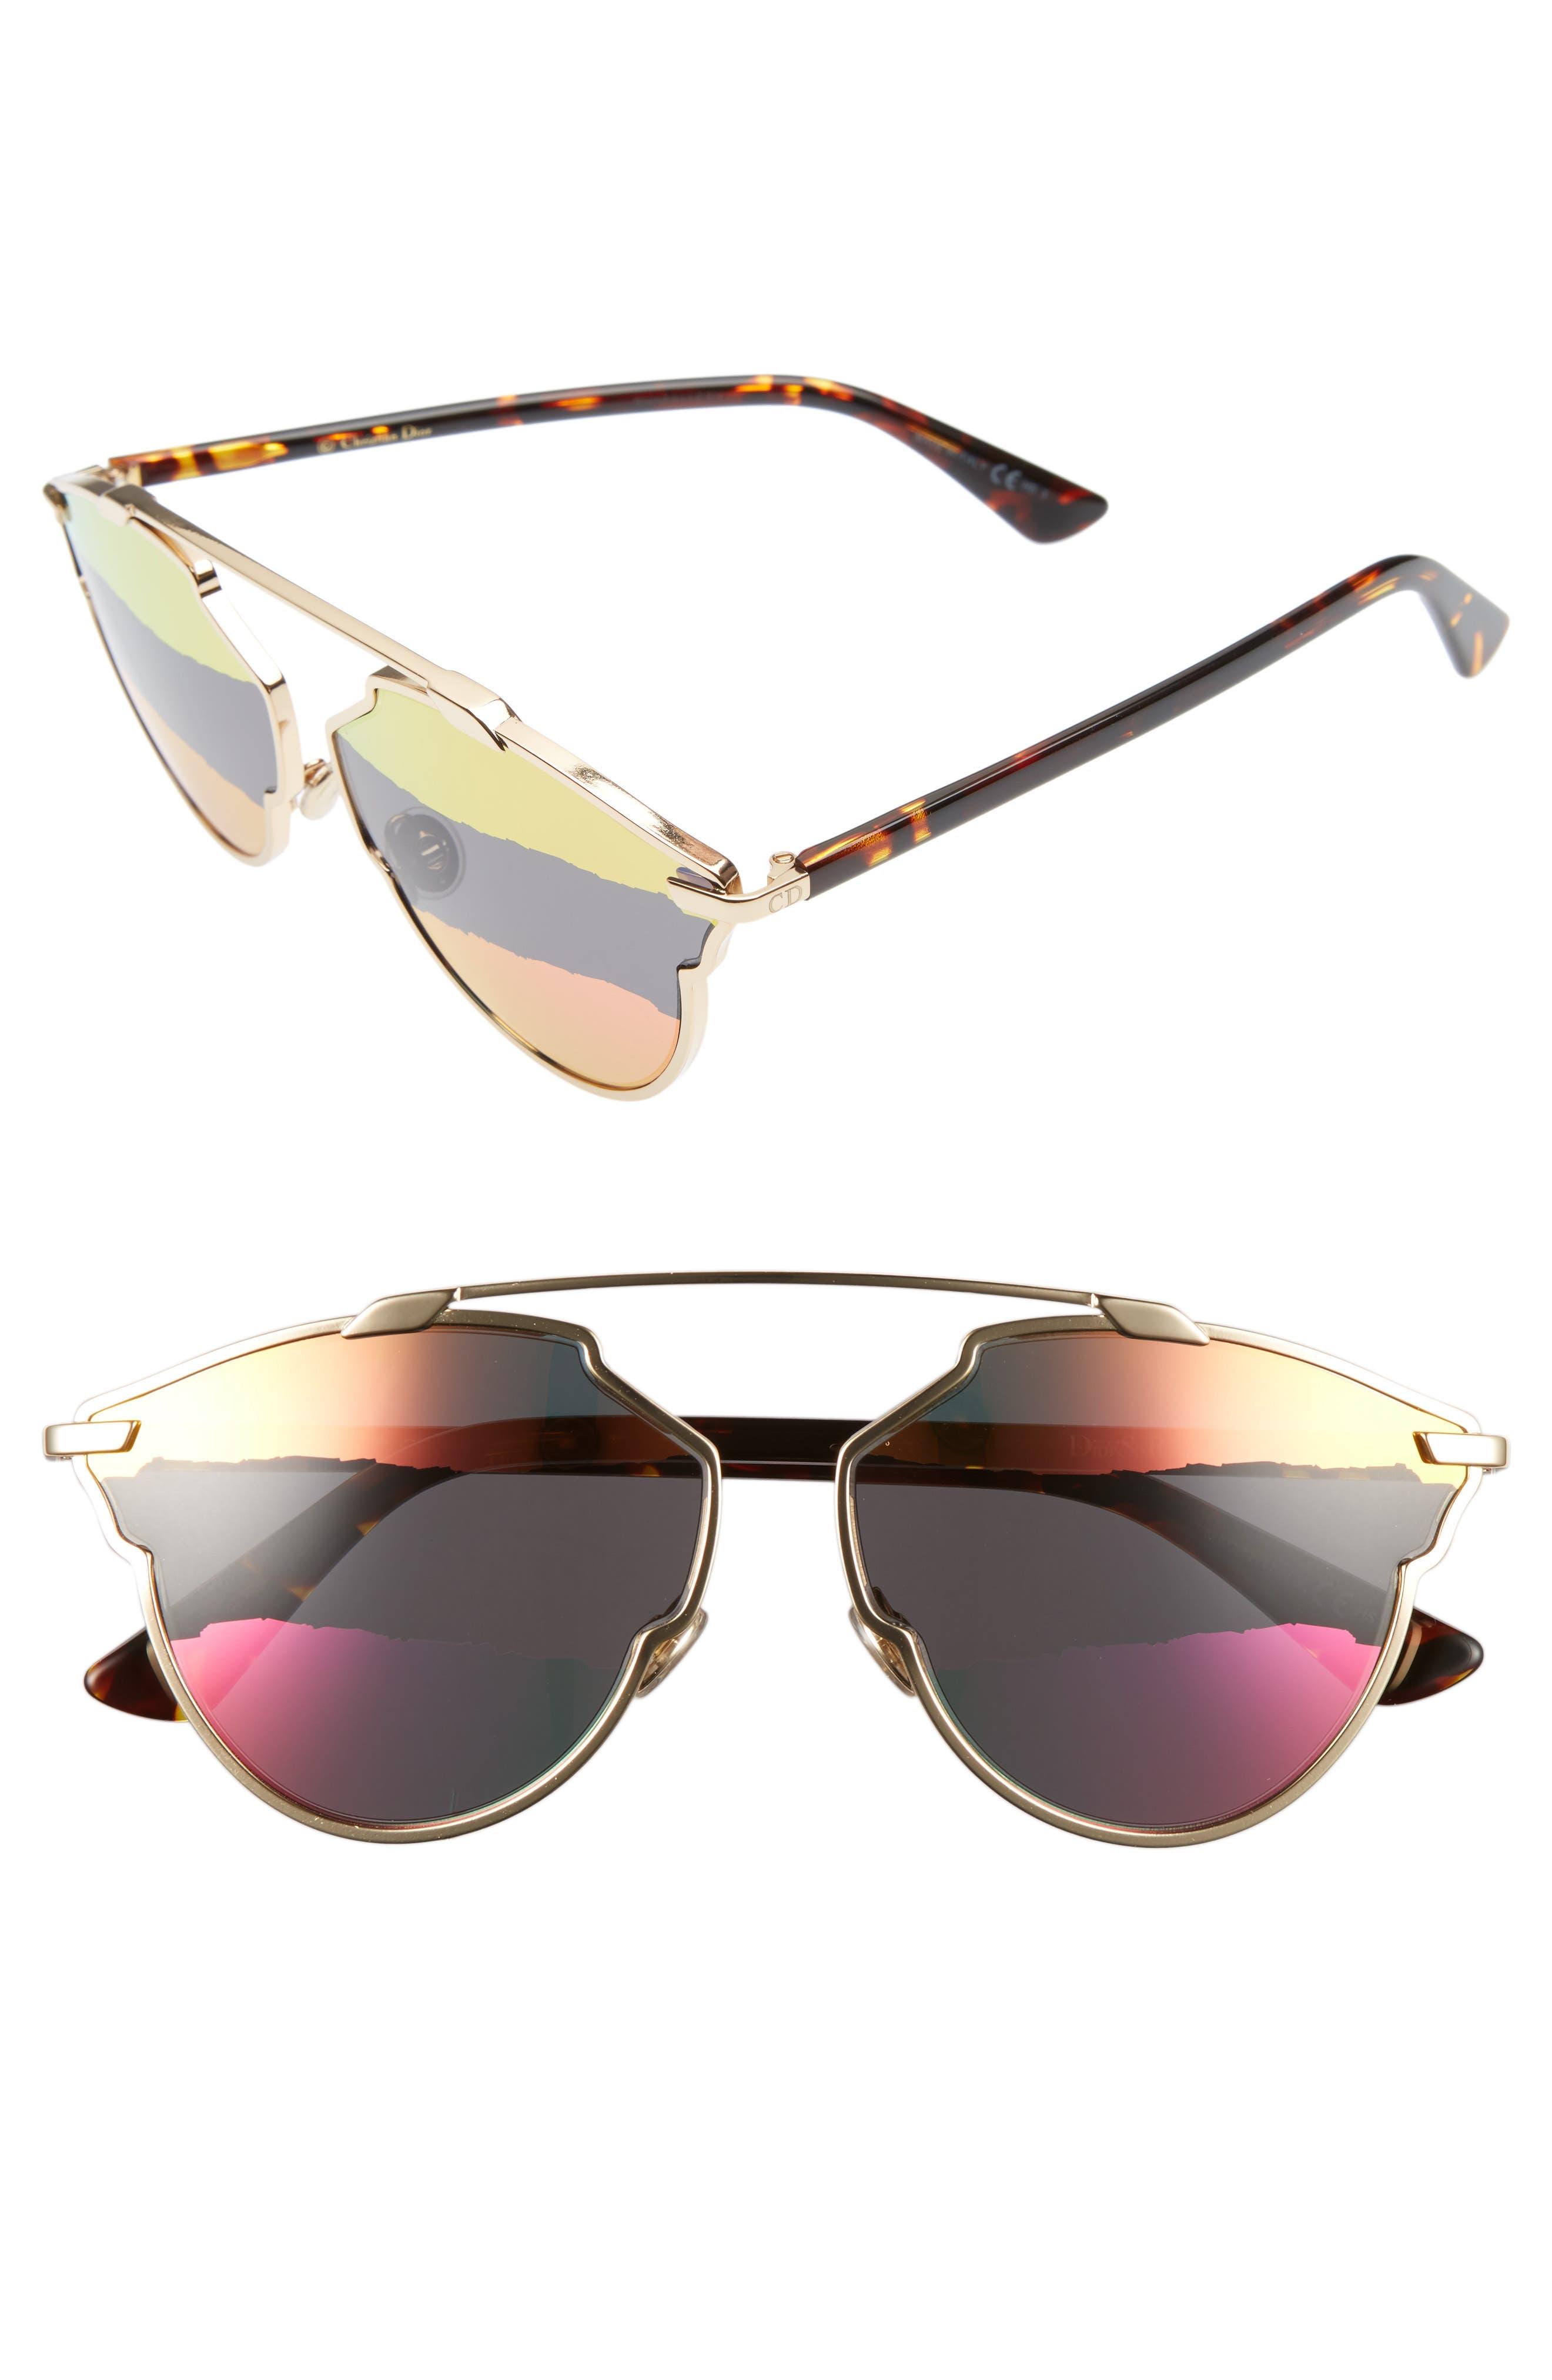 Main Image - Dior So Real 59mm Brow Bar Sunglasses